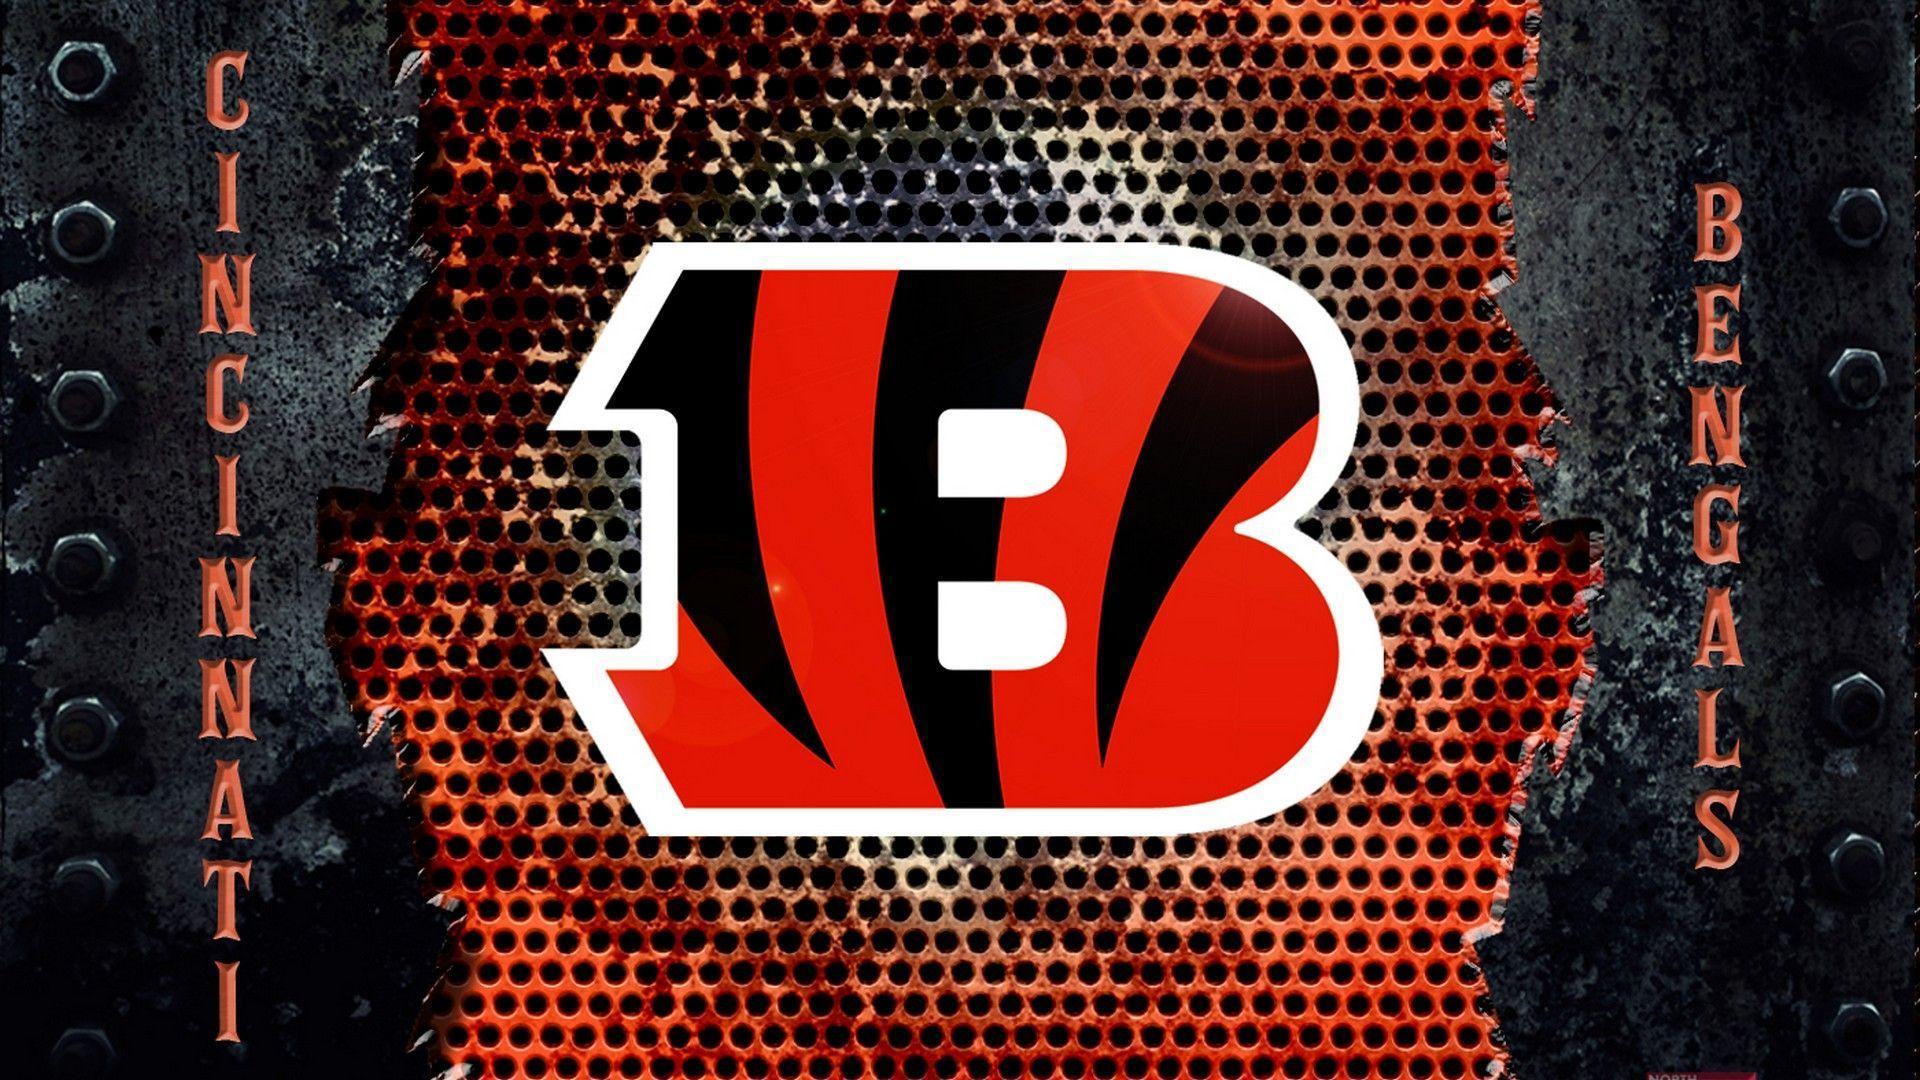 Cincinnati Bengals Wallpapers Hd